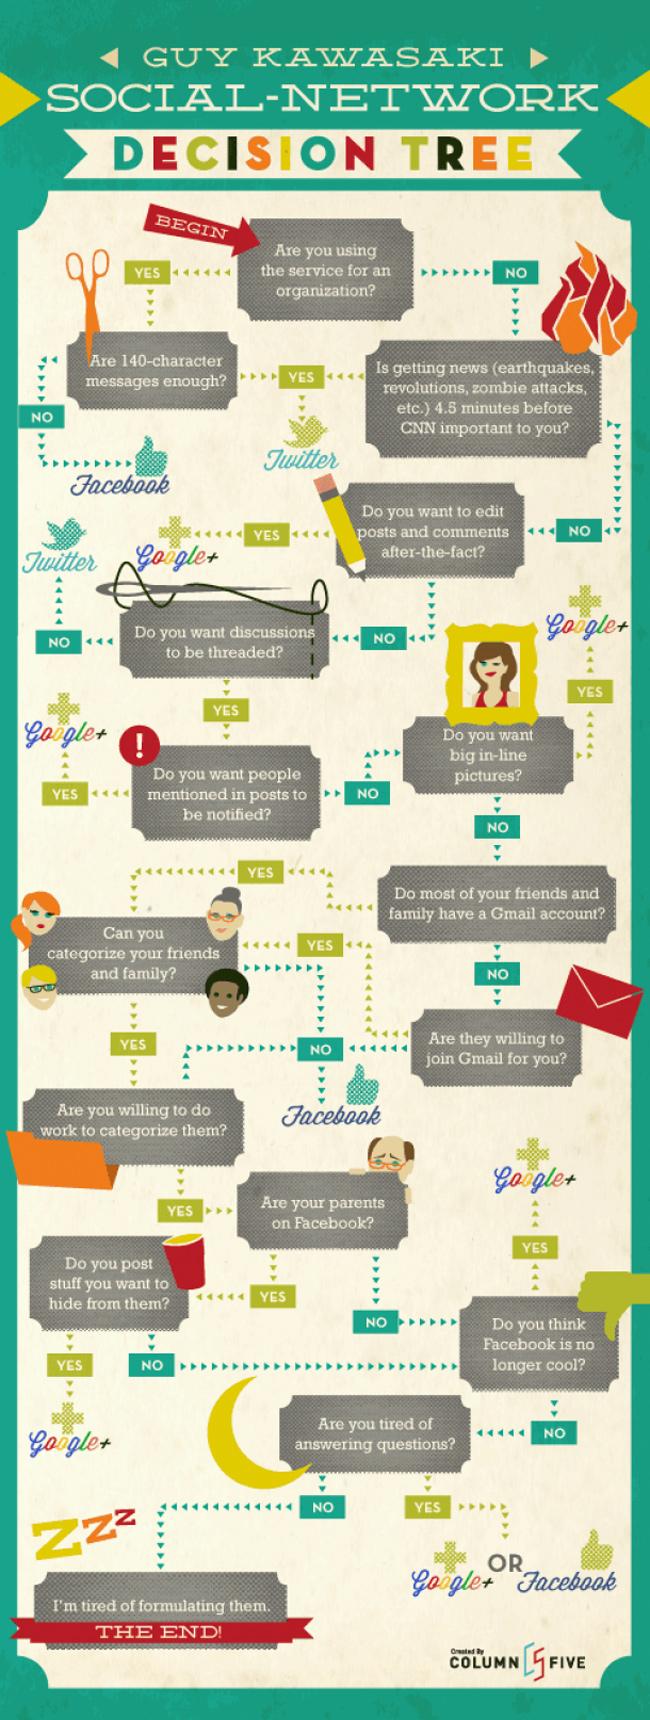 Finden Sie einen Weg durch den Social Media Dschungel